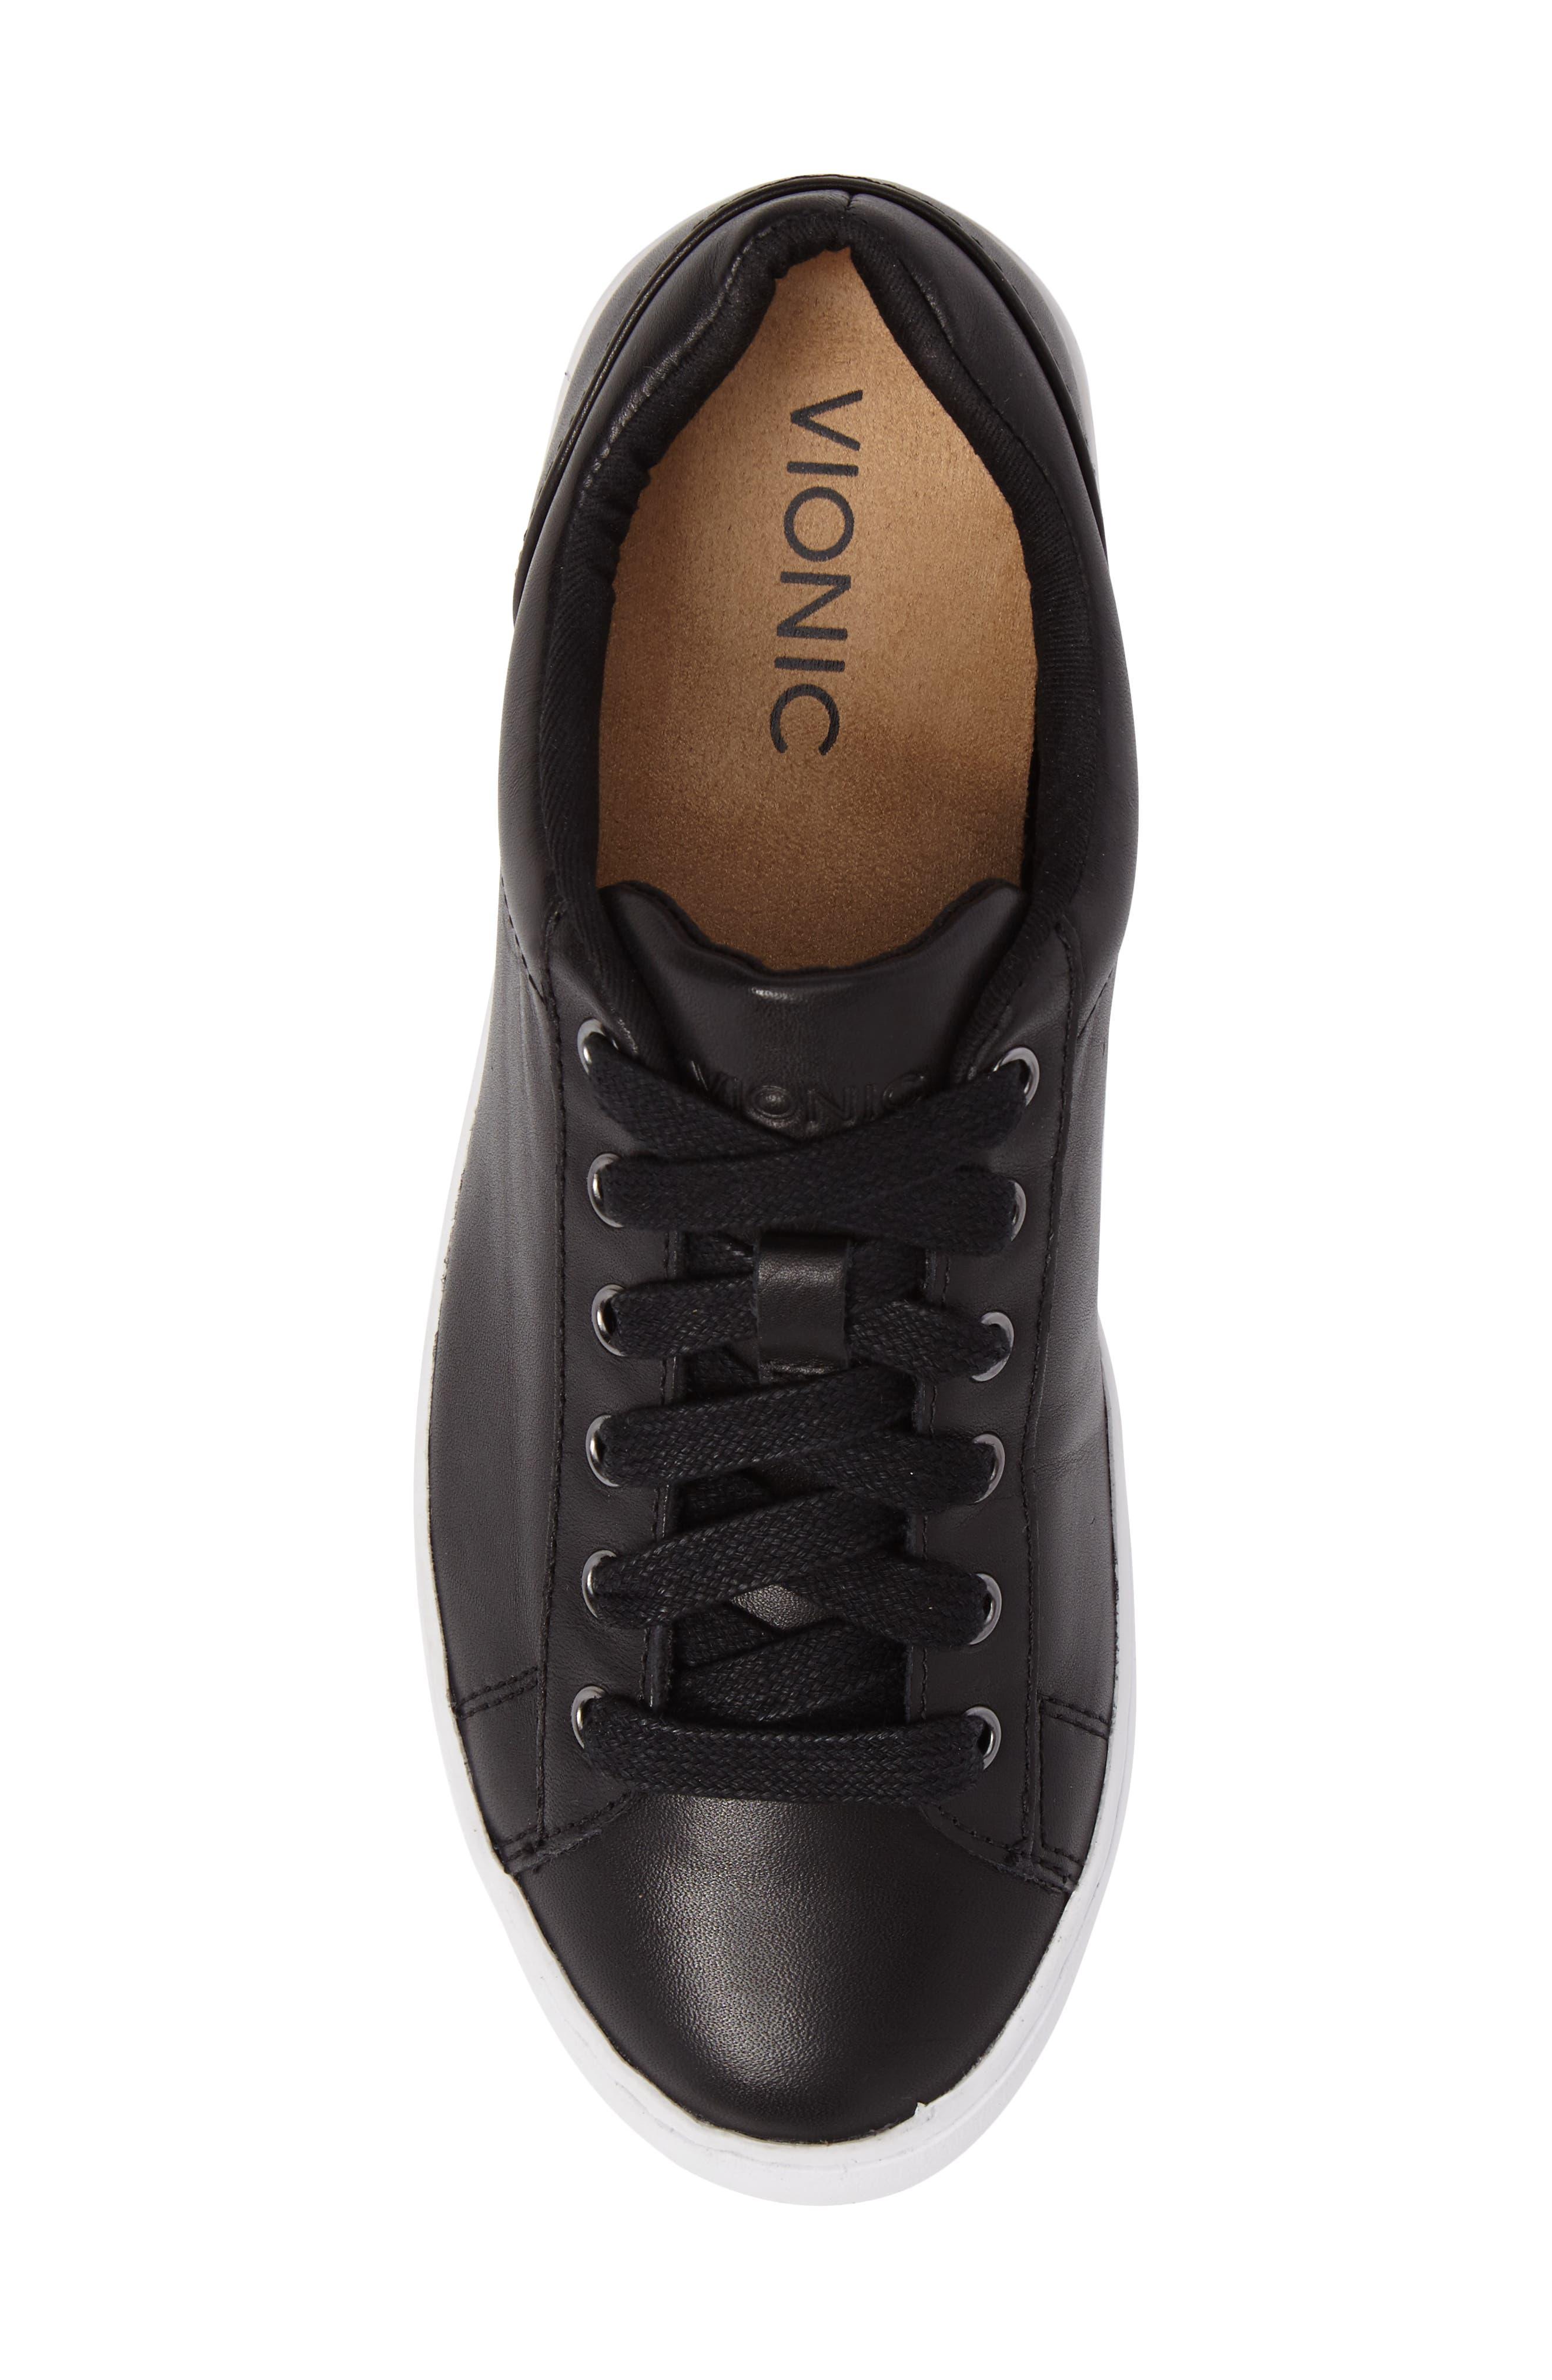 Splendid Syra Sneaker,                             Alternate thumbnail 5, color,                             Black Leather